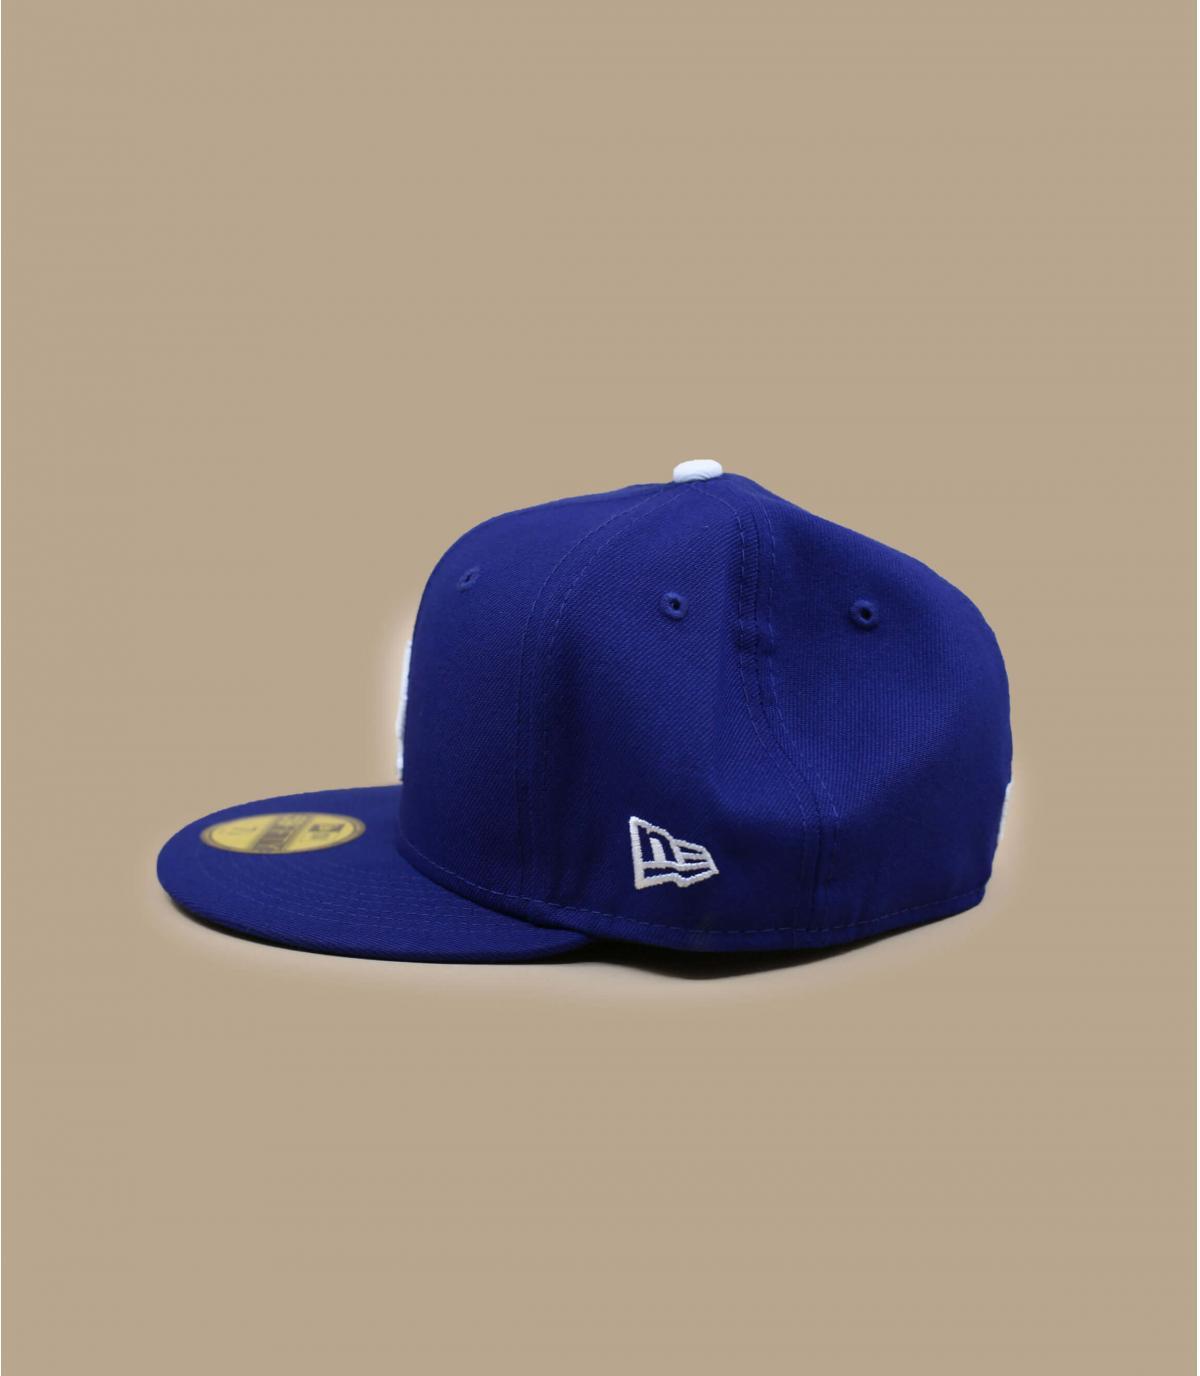 Détails MLB AC Perf 5950 Los Angeles Dodgers - image 2